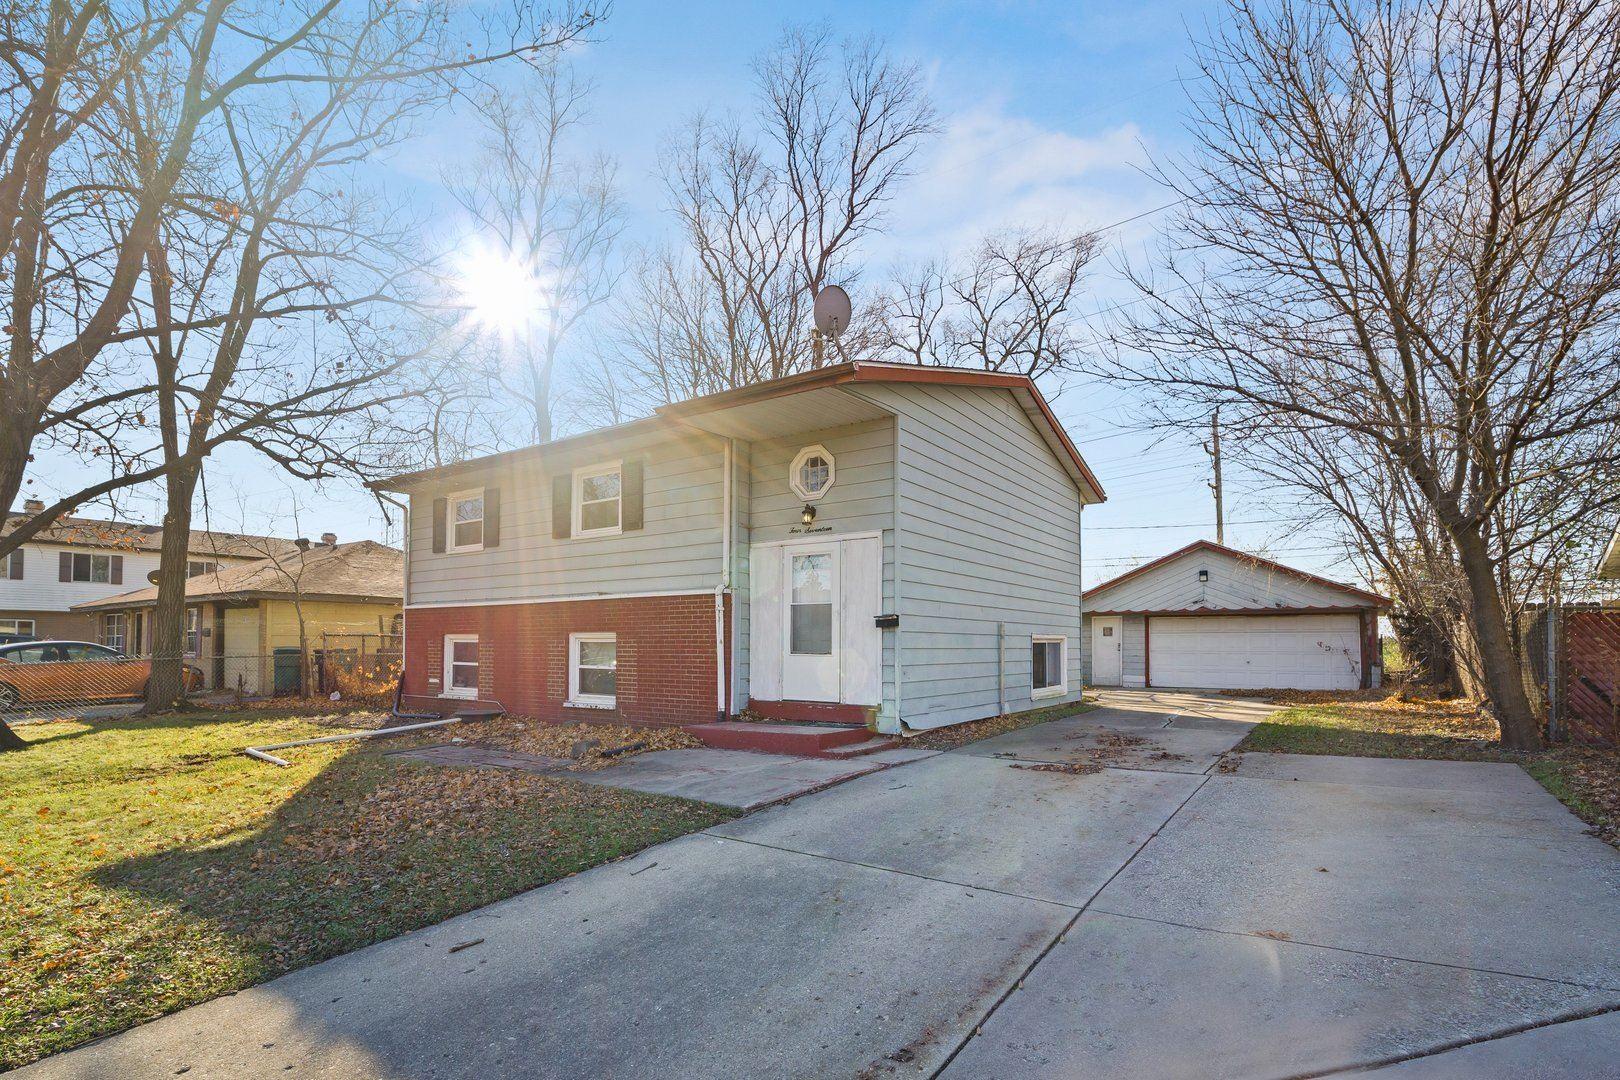 Photo of 417 W BELLARMINE Drive, Joliet, IL 60435 (MLS # 10943241)